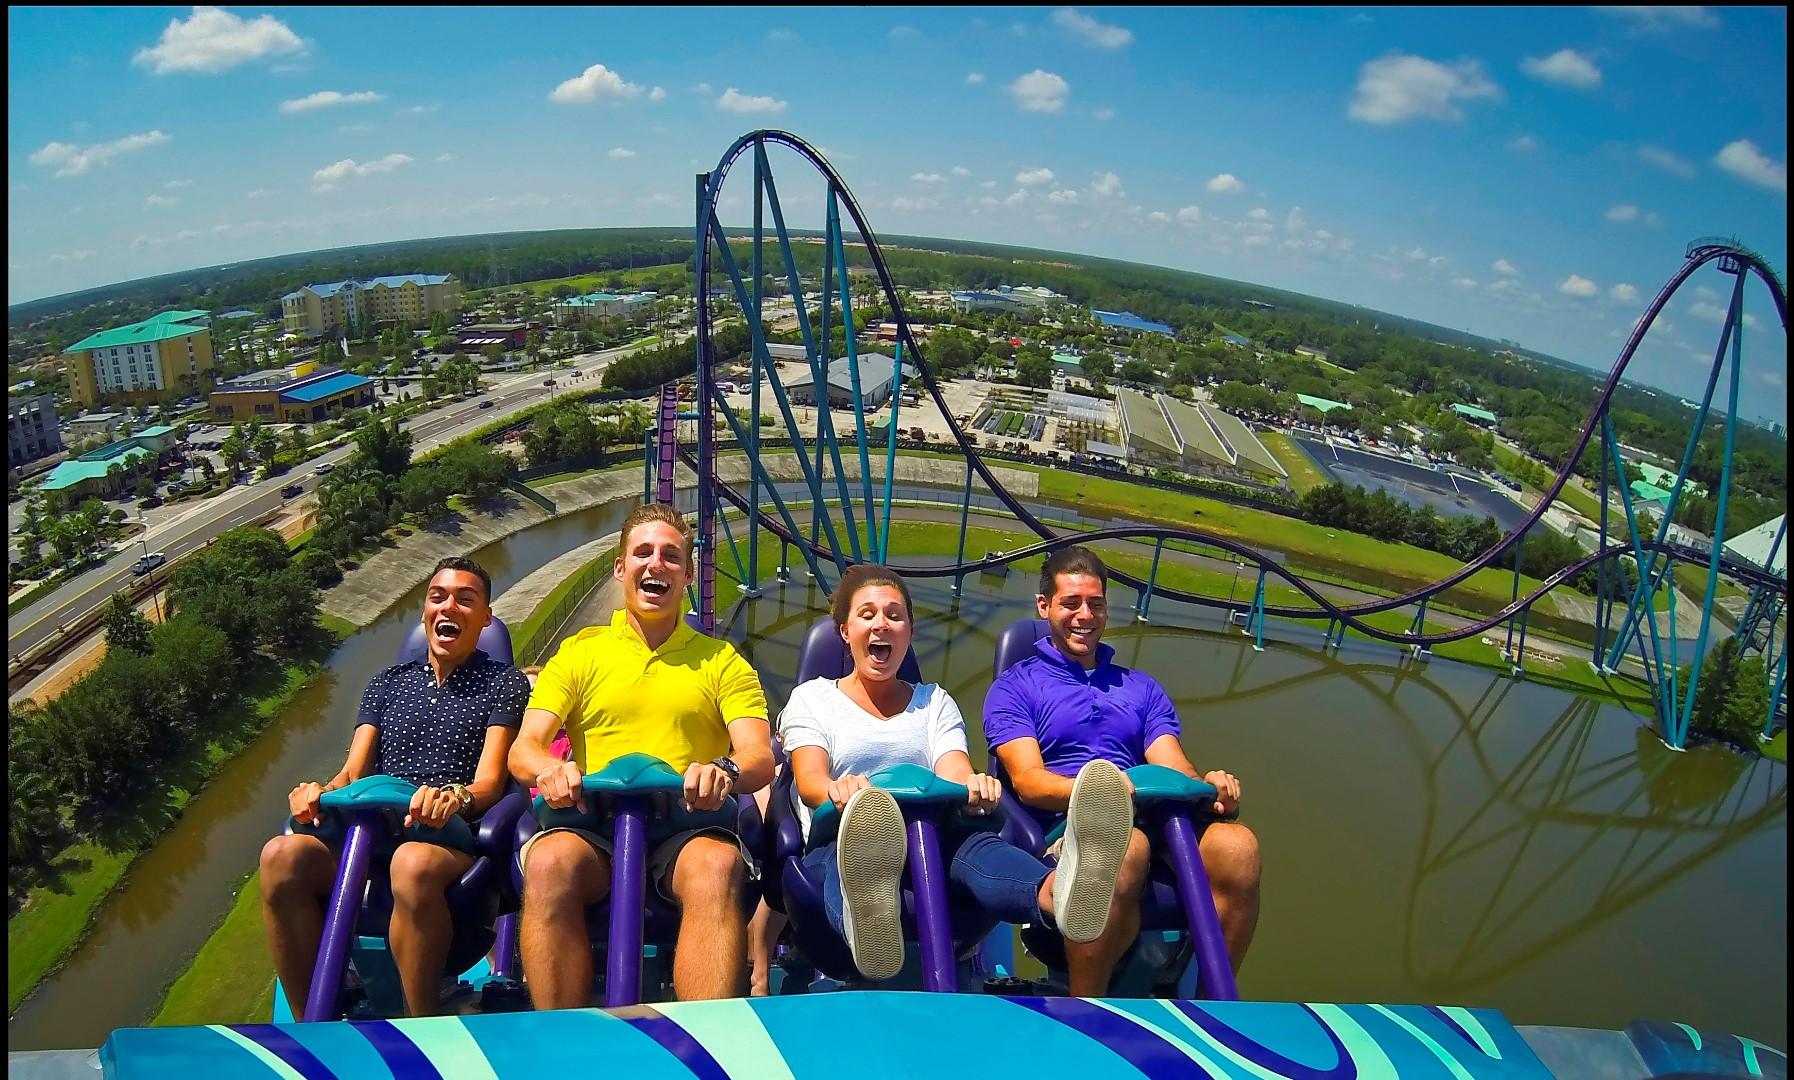 MAKO, a mais alta, mais rápida e mais longa montanha-russa do SeaWorld Orlando